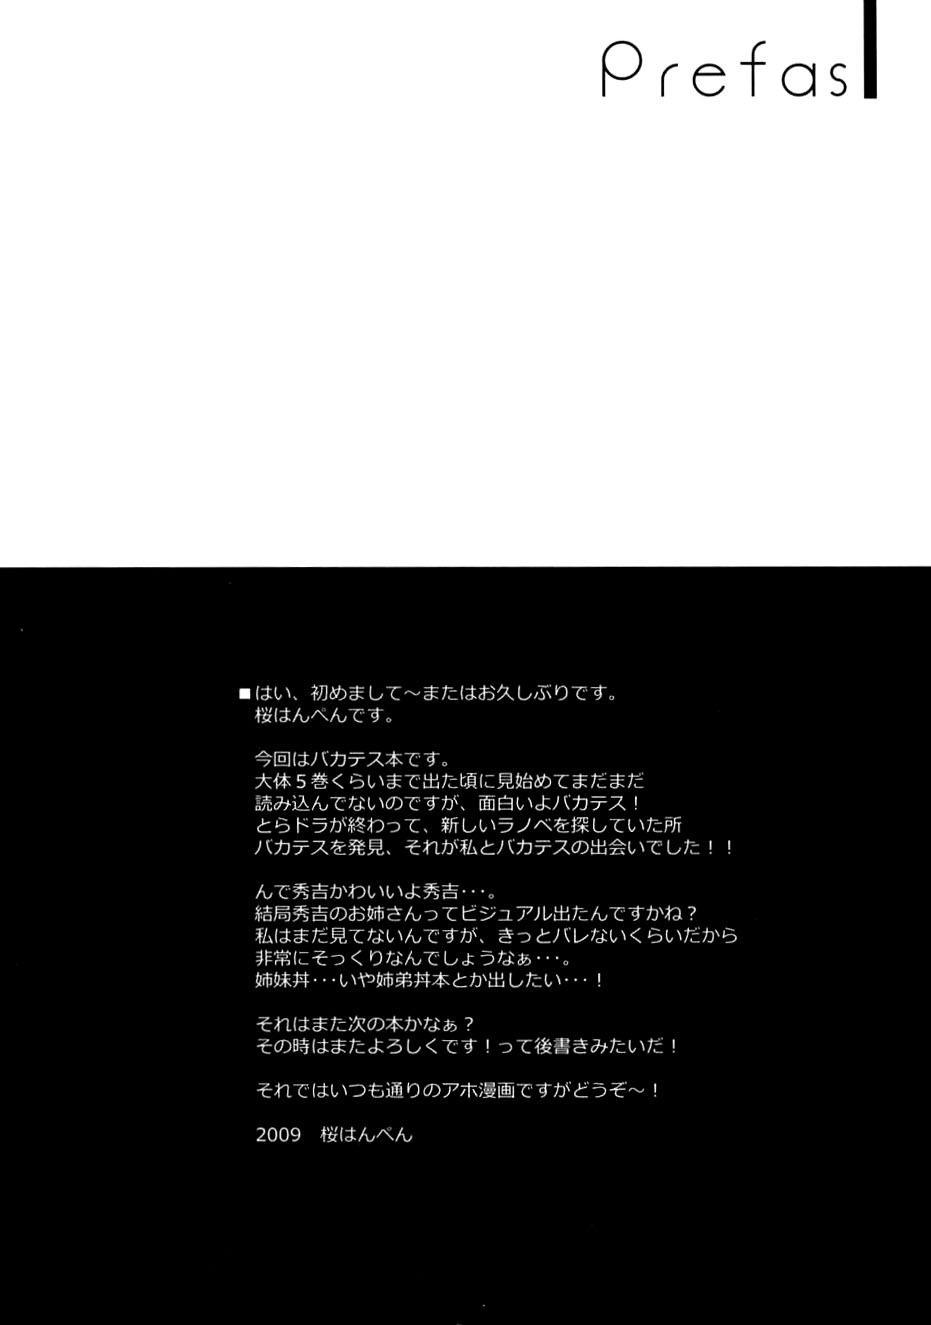 Baka to Josou to Shoukanju 2